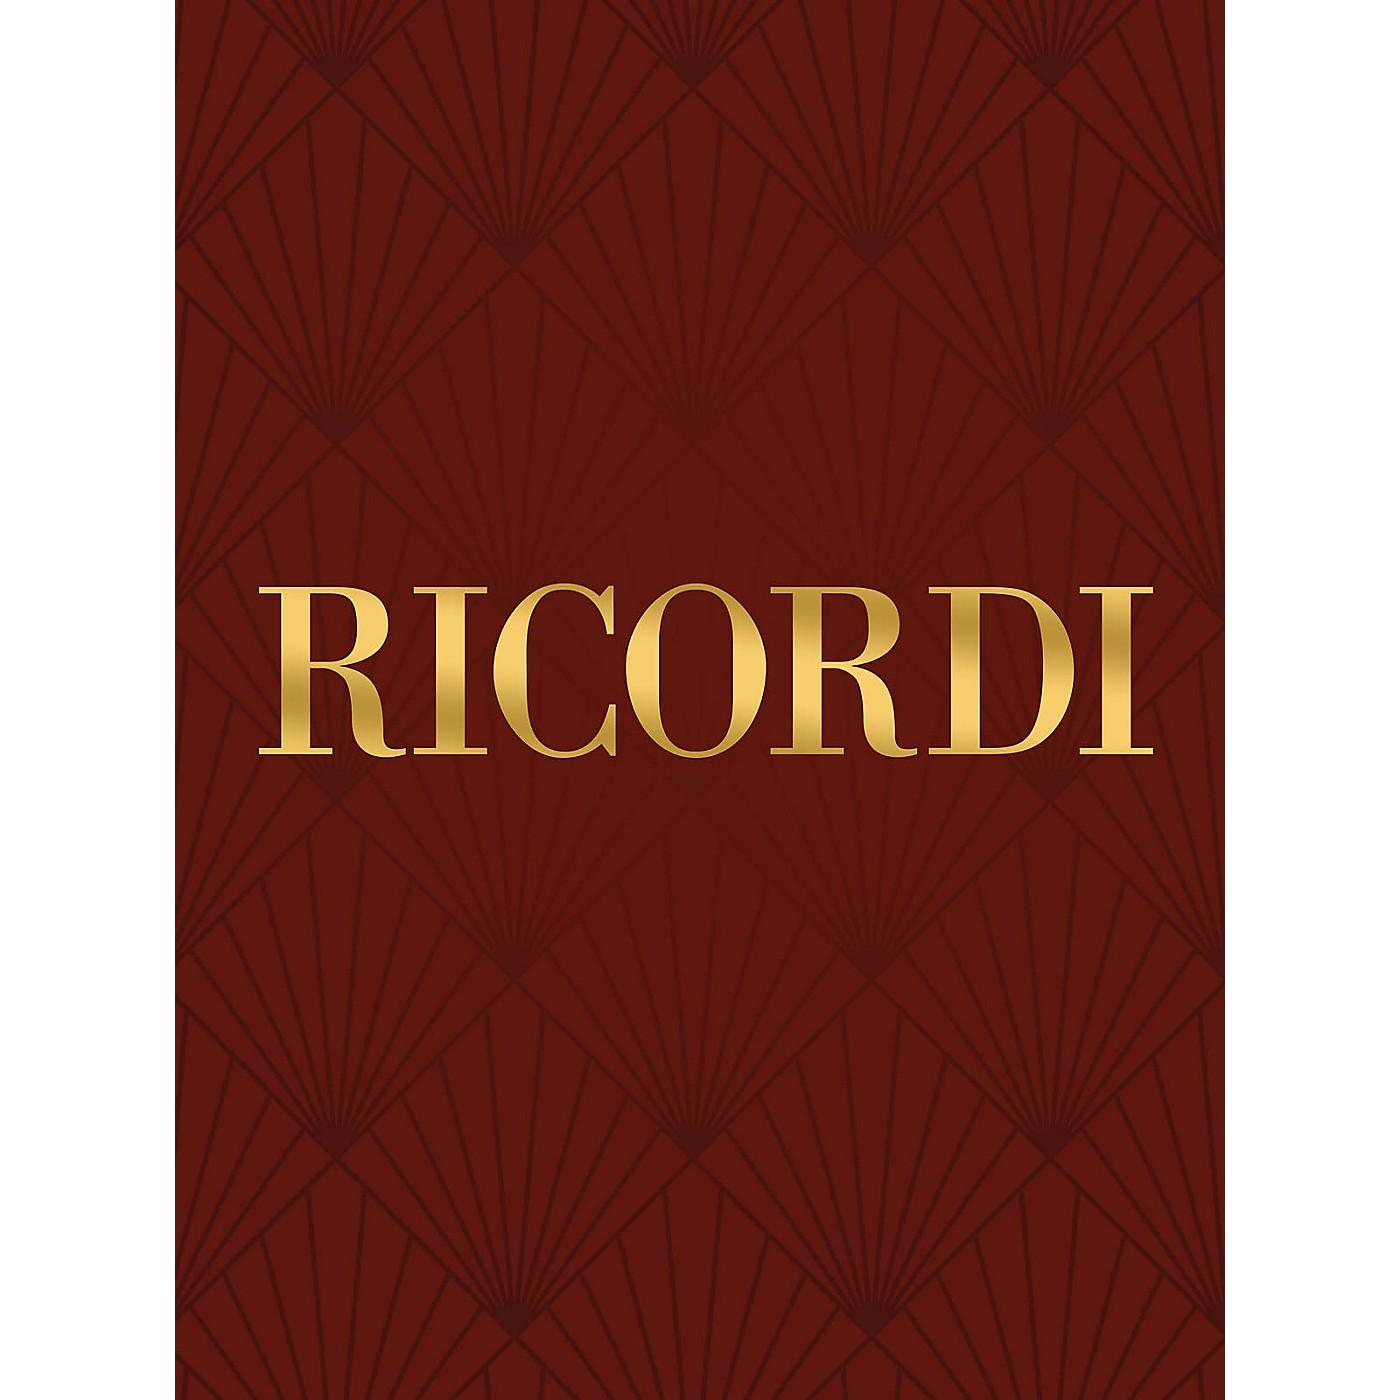 Ricordi La Gazza Ladra Sinfonia (Piano Solo) Piano Large Works Series Composed by Gioachino Rossini thumbnail